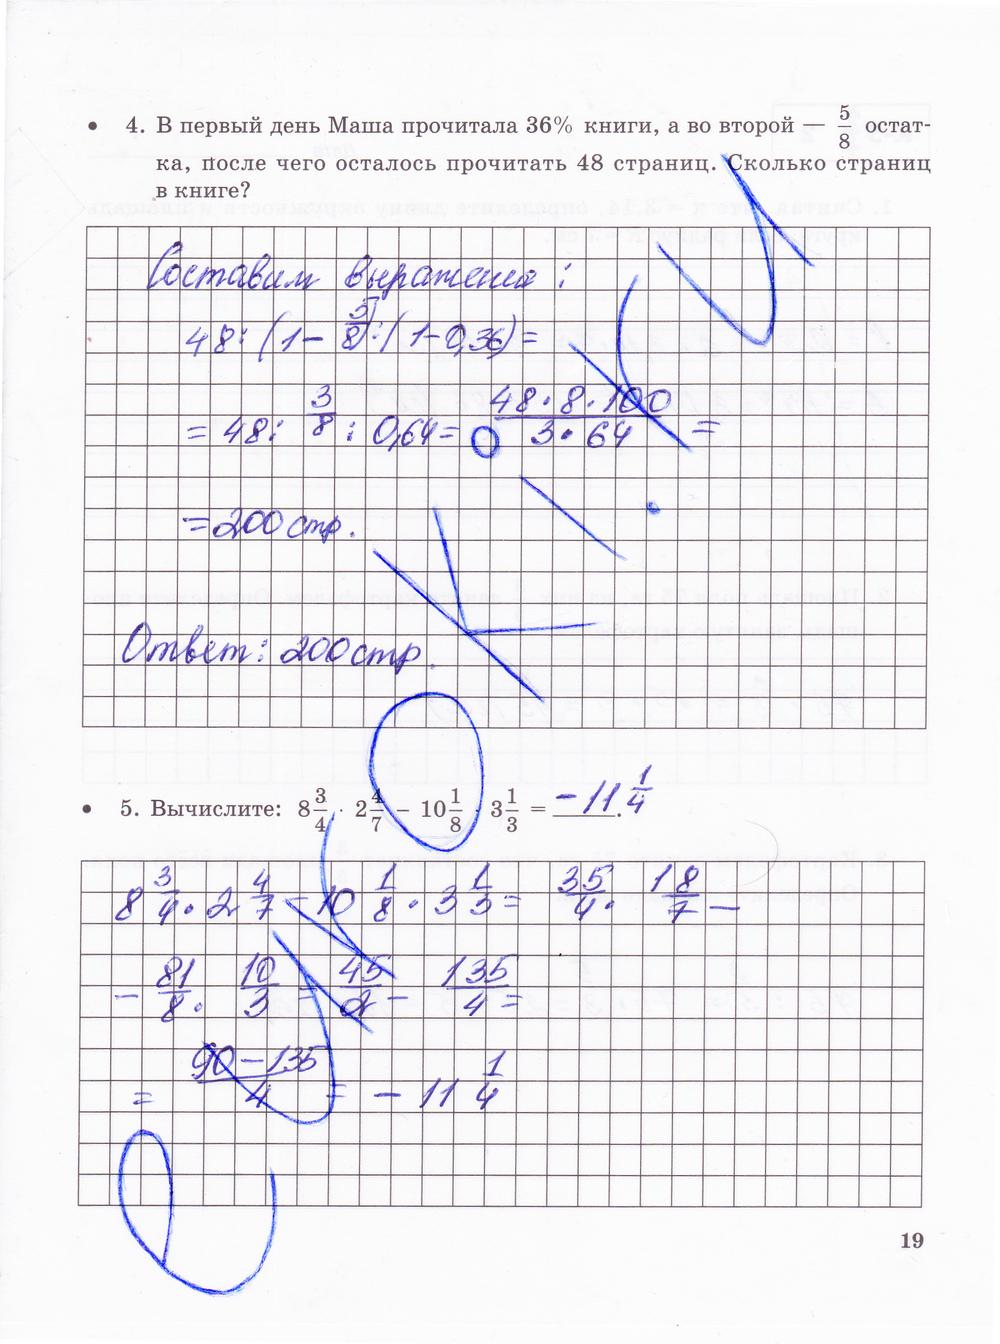 Гдз математика 6 класс зубарева тетрадь для контрольных работ